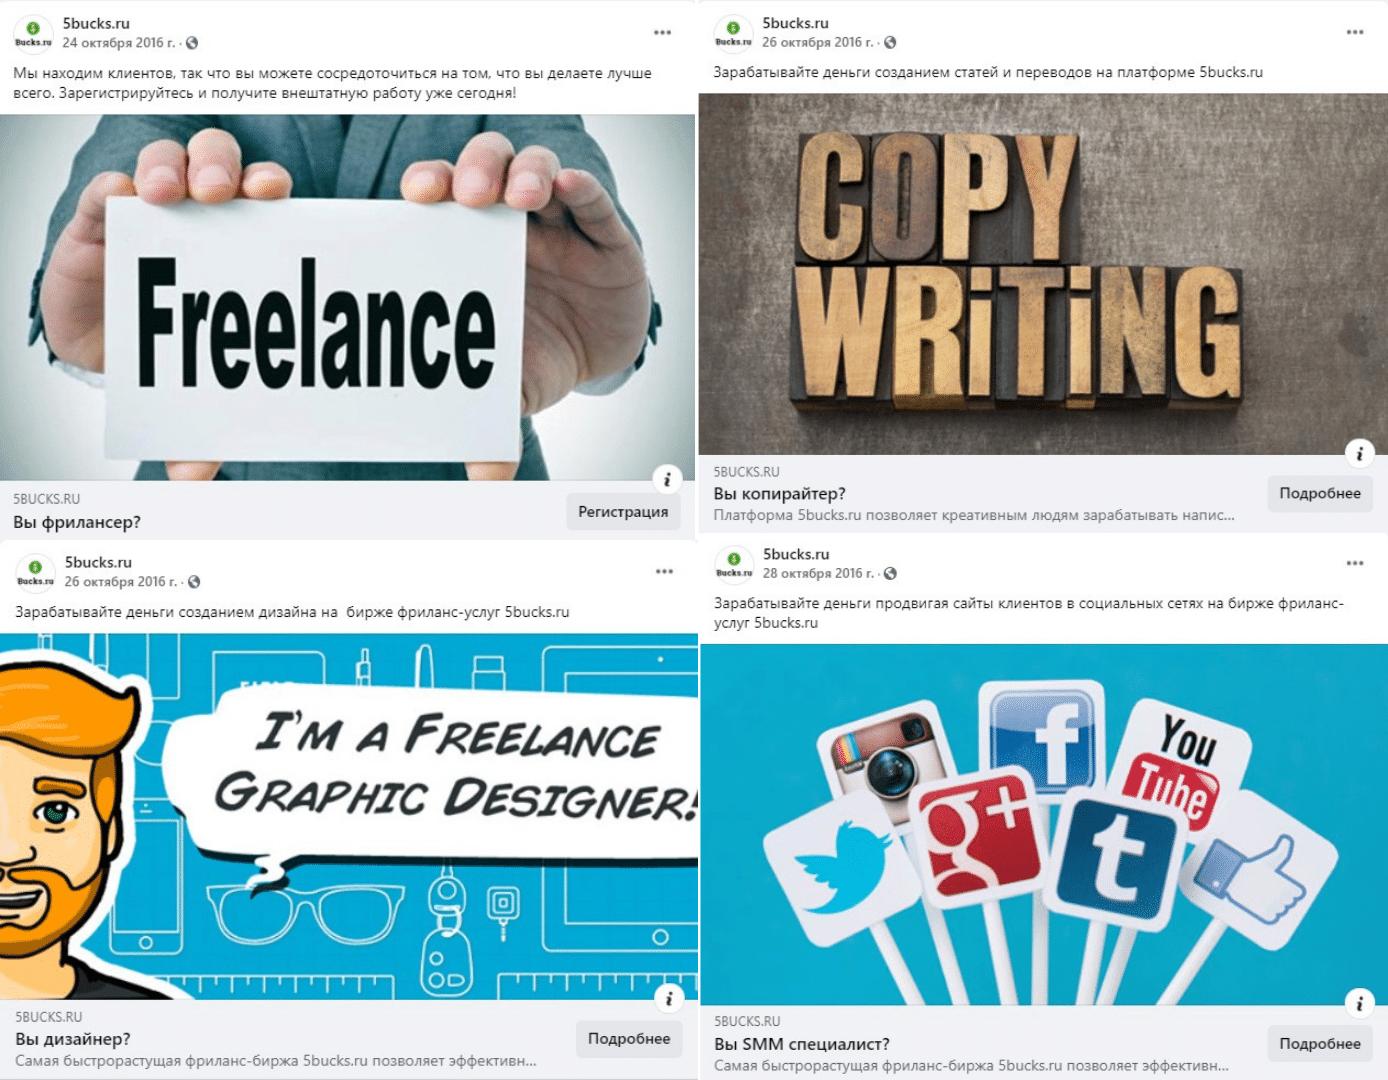 креативы для рекламы в Facebook и Instagram 5bucks.ru